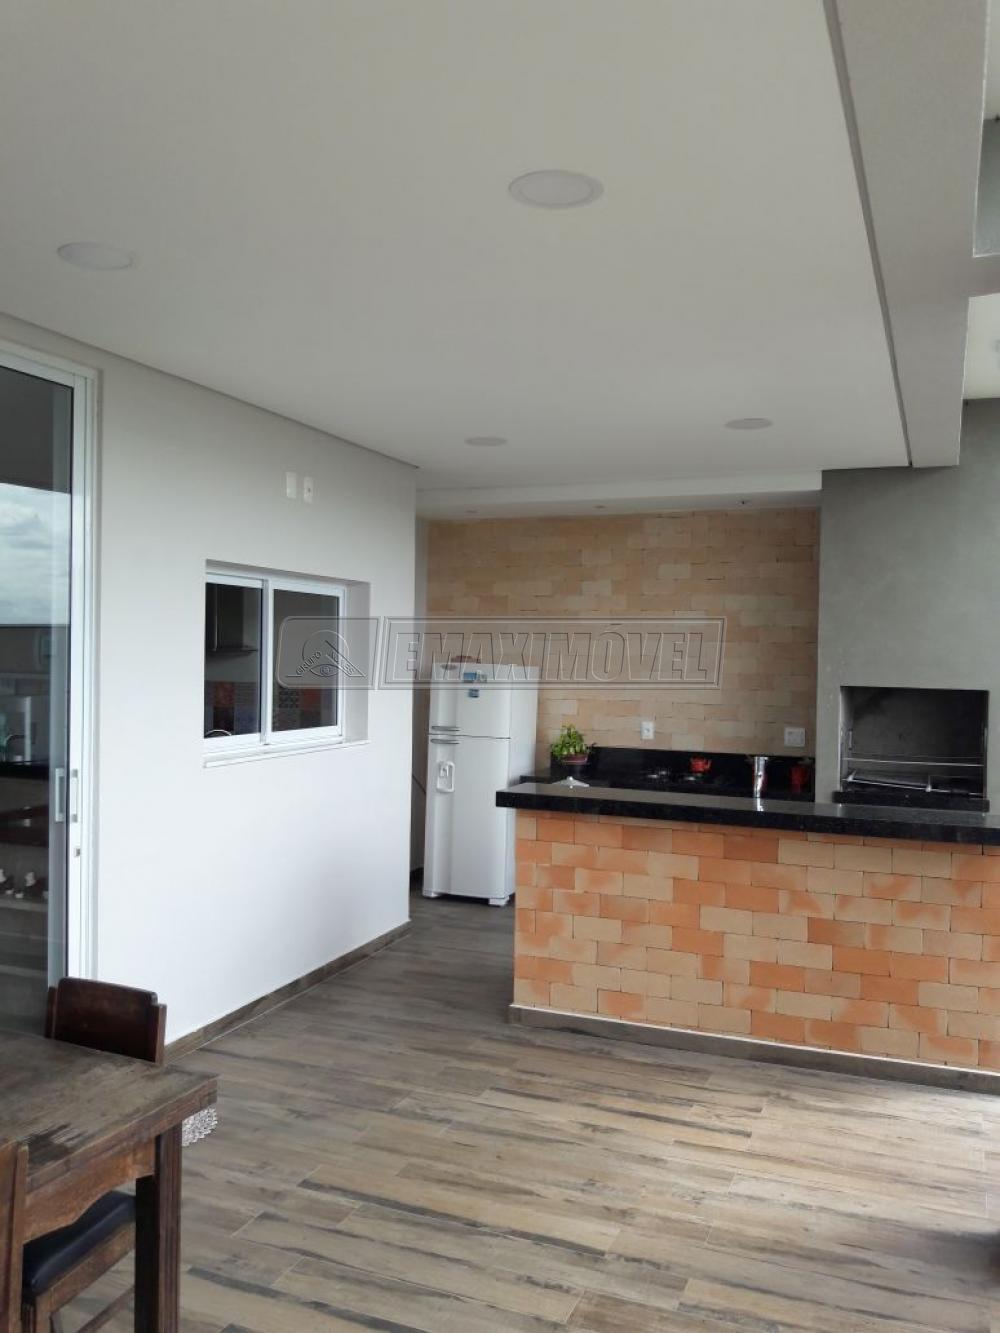 Comprar Casas / em Condomínios em Sorocaba apenas R$ 835.000,00 - Foto 15